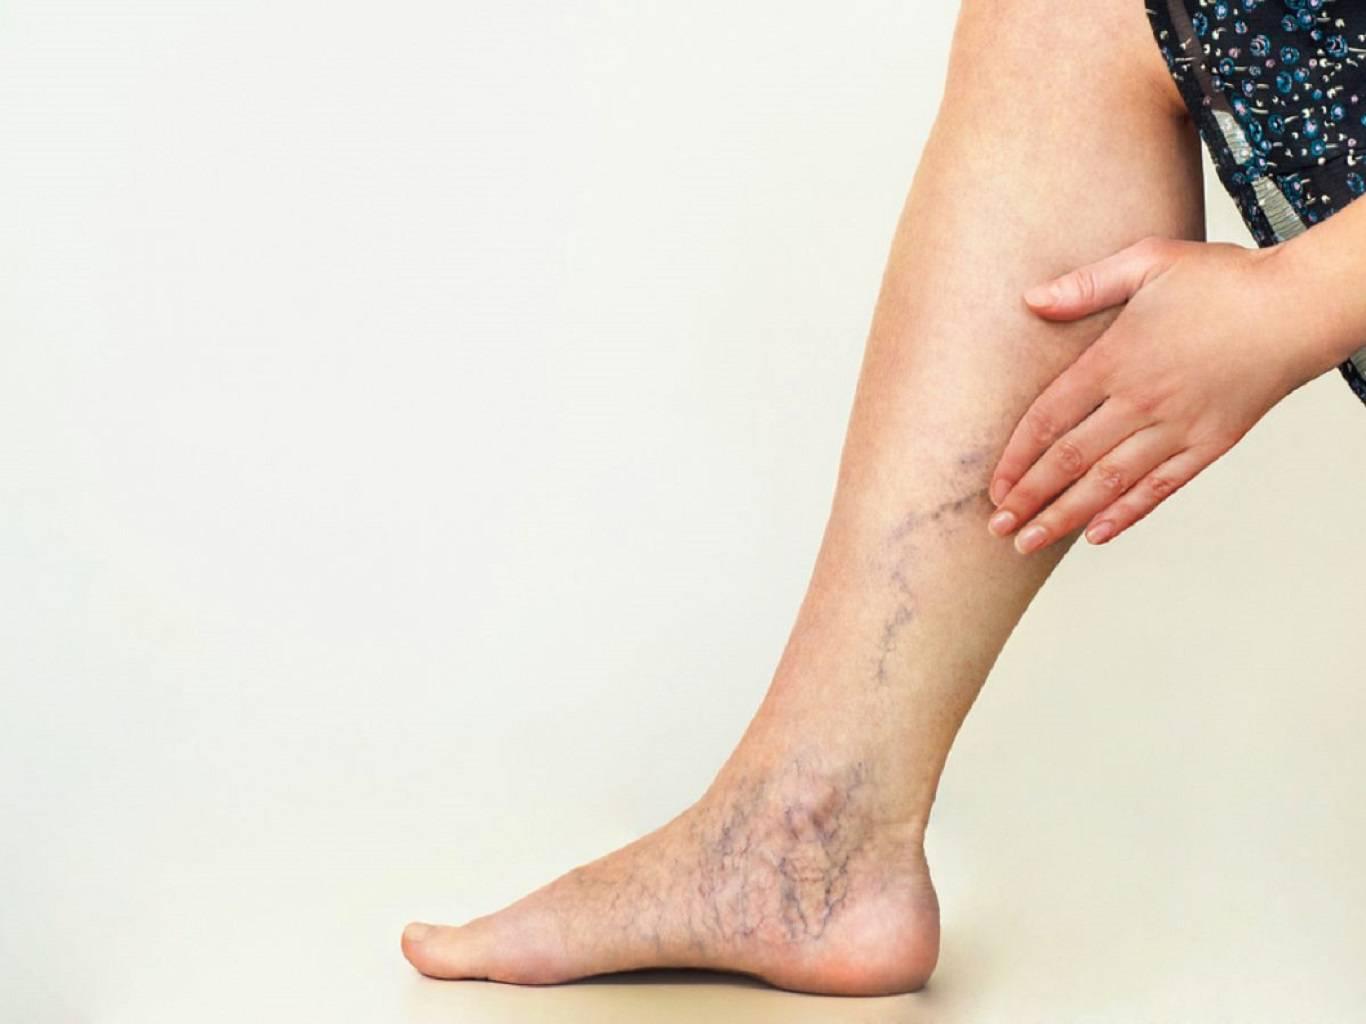 مراقبت های بعد از درمان واریس پا